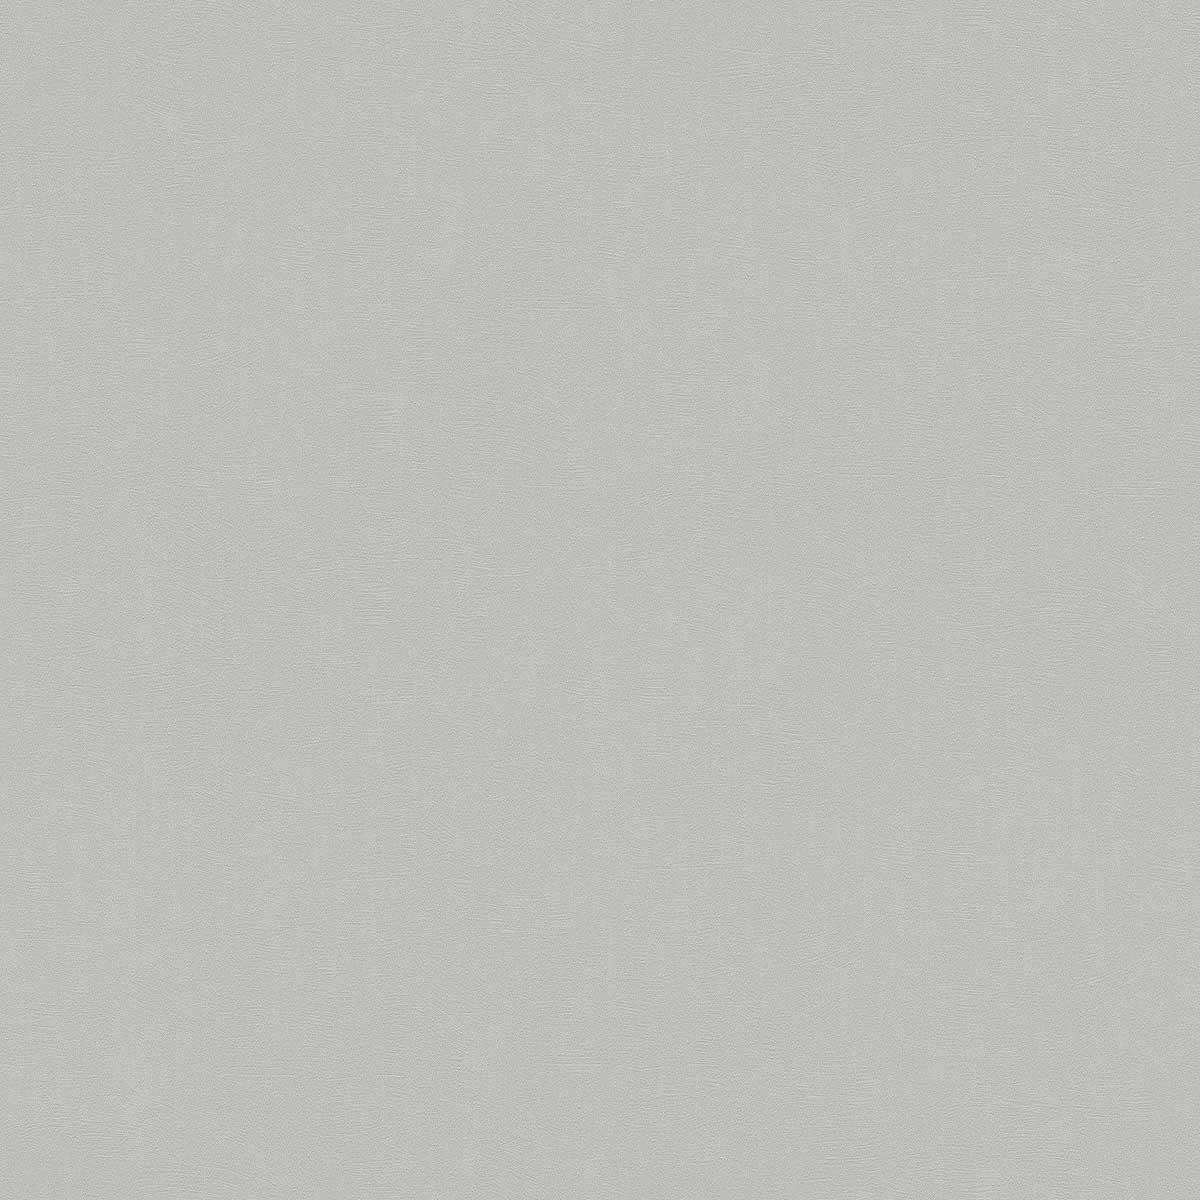 Papier Peint Uni et Coloré - Gris - 10 ml x 0,53 m